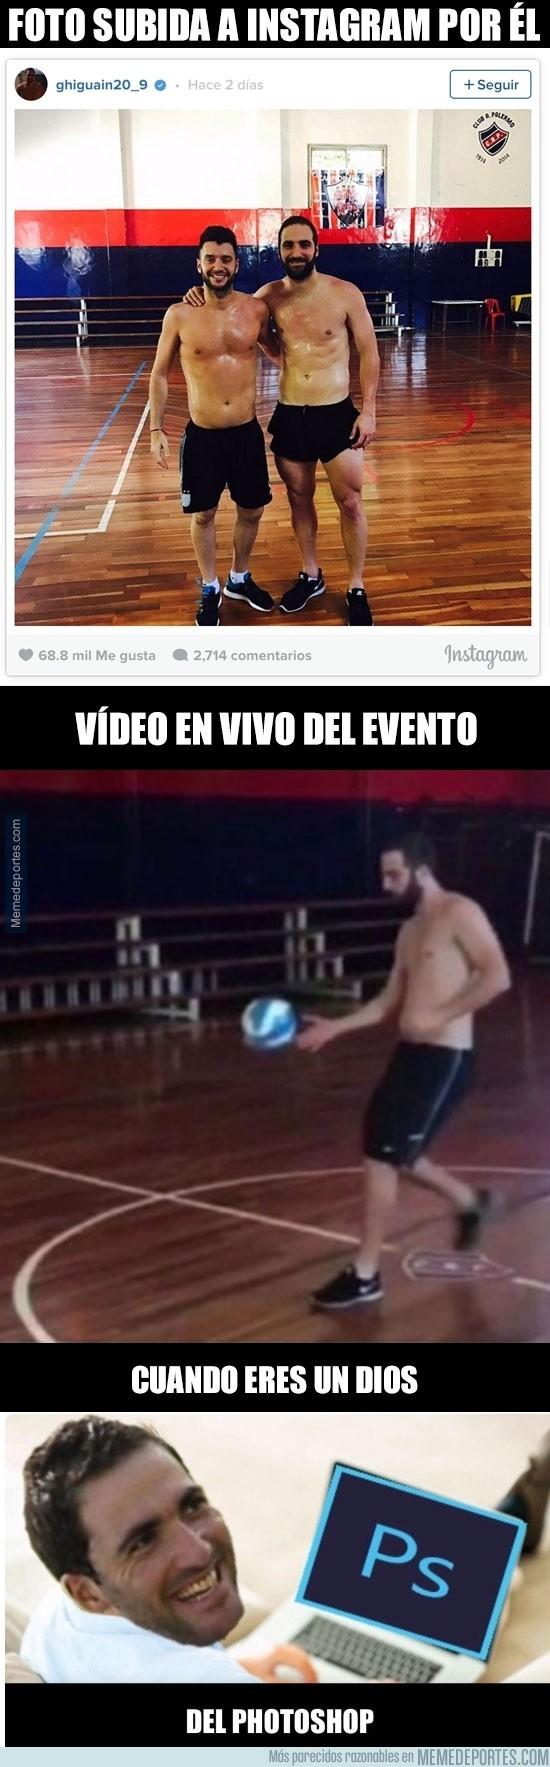 936219 - Higuaín retoca sus fotos pero olvida que hay un vídeo donde se le ven las lorzas